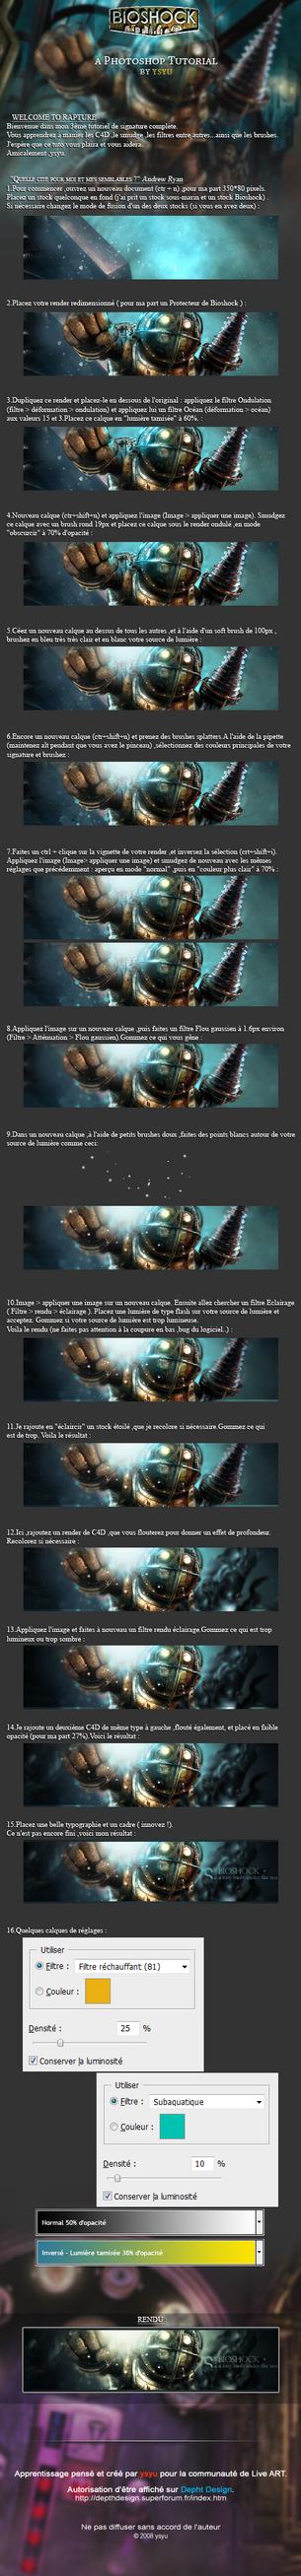 FR tuto : Bioshock tag by ysyu